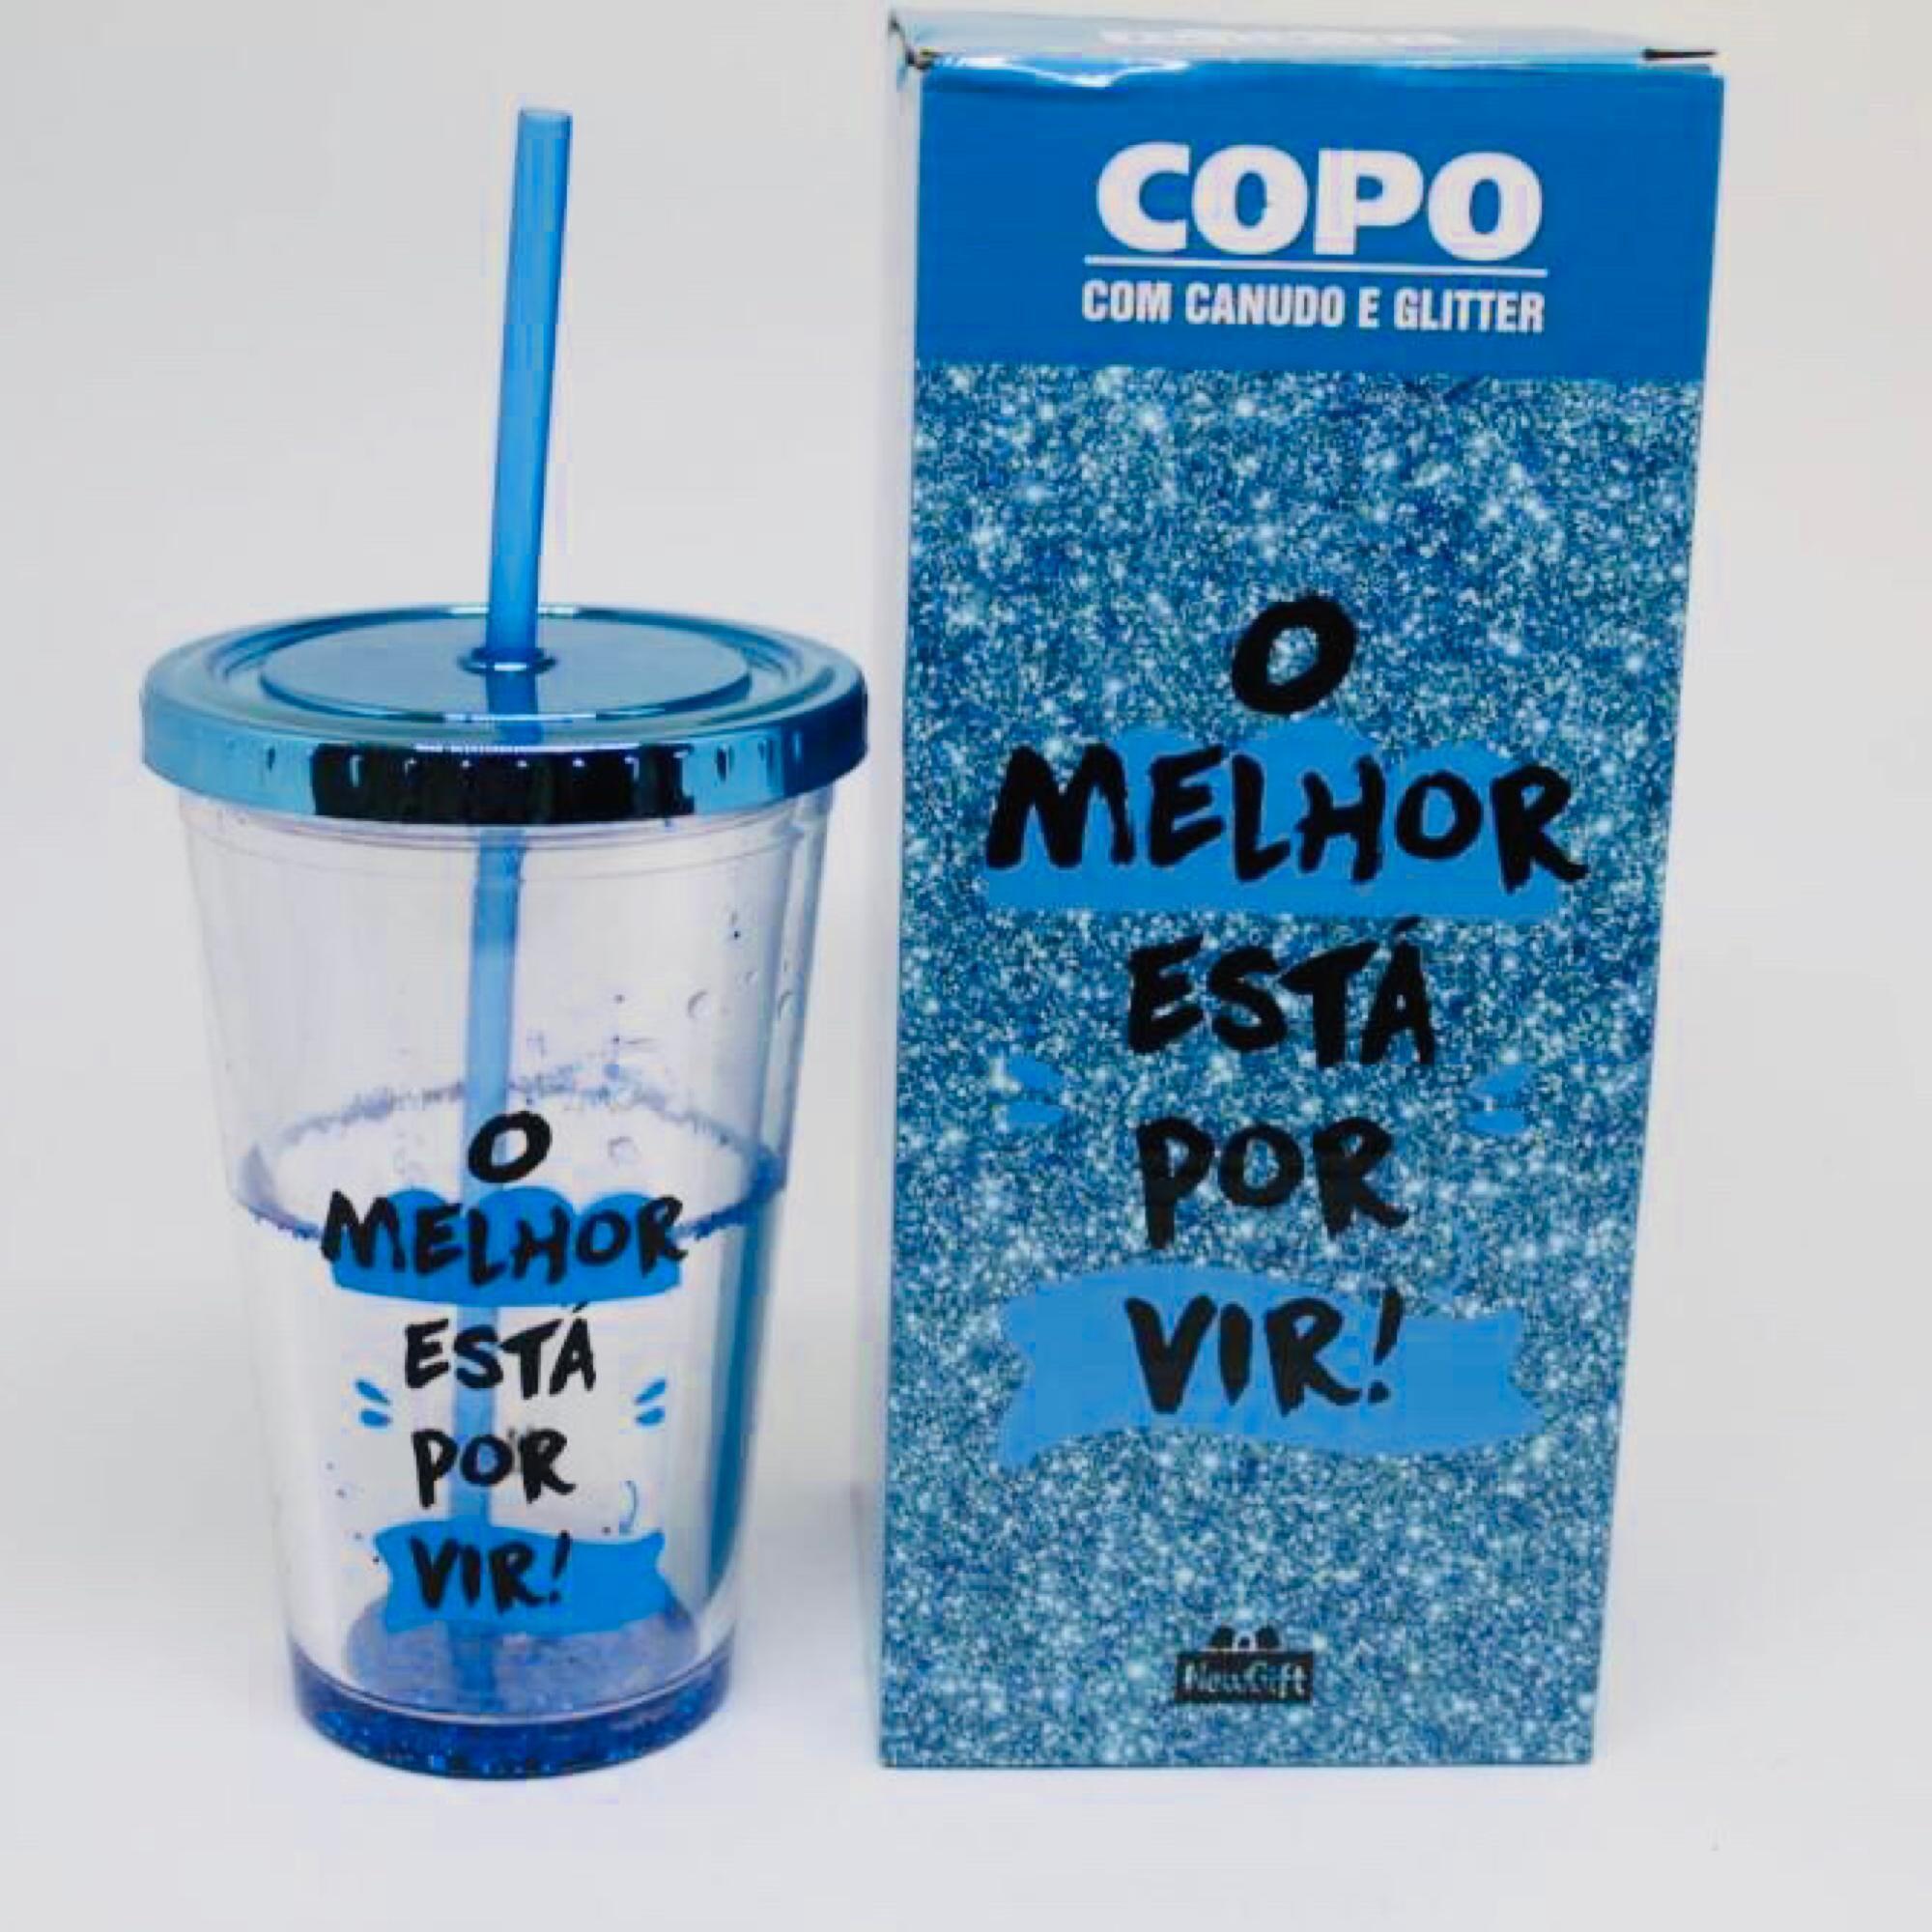 fd8e34503f344e Copo Canudo glitter azul